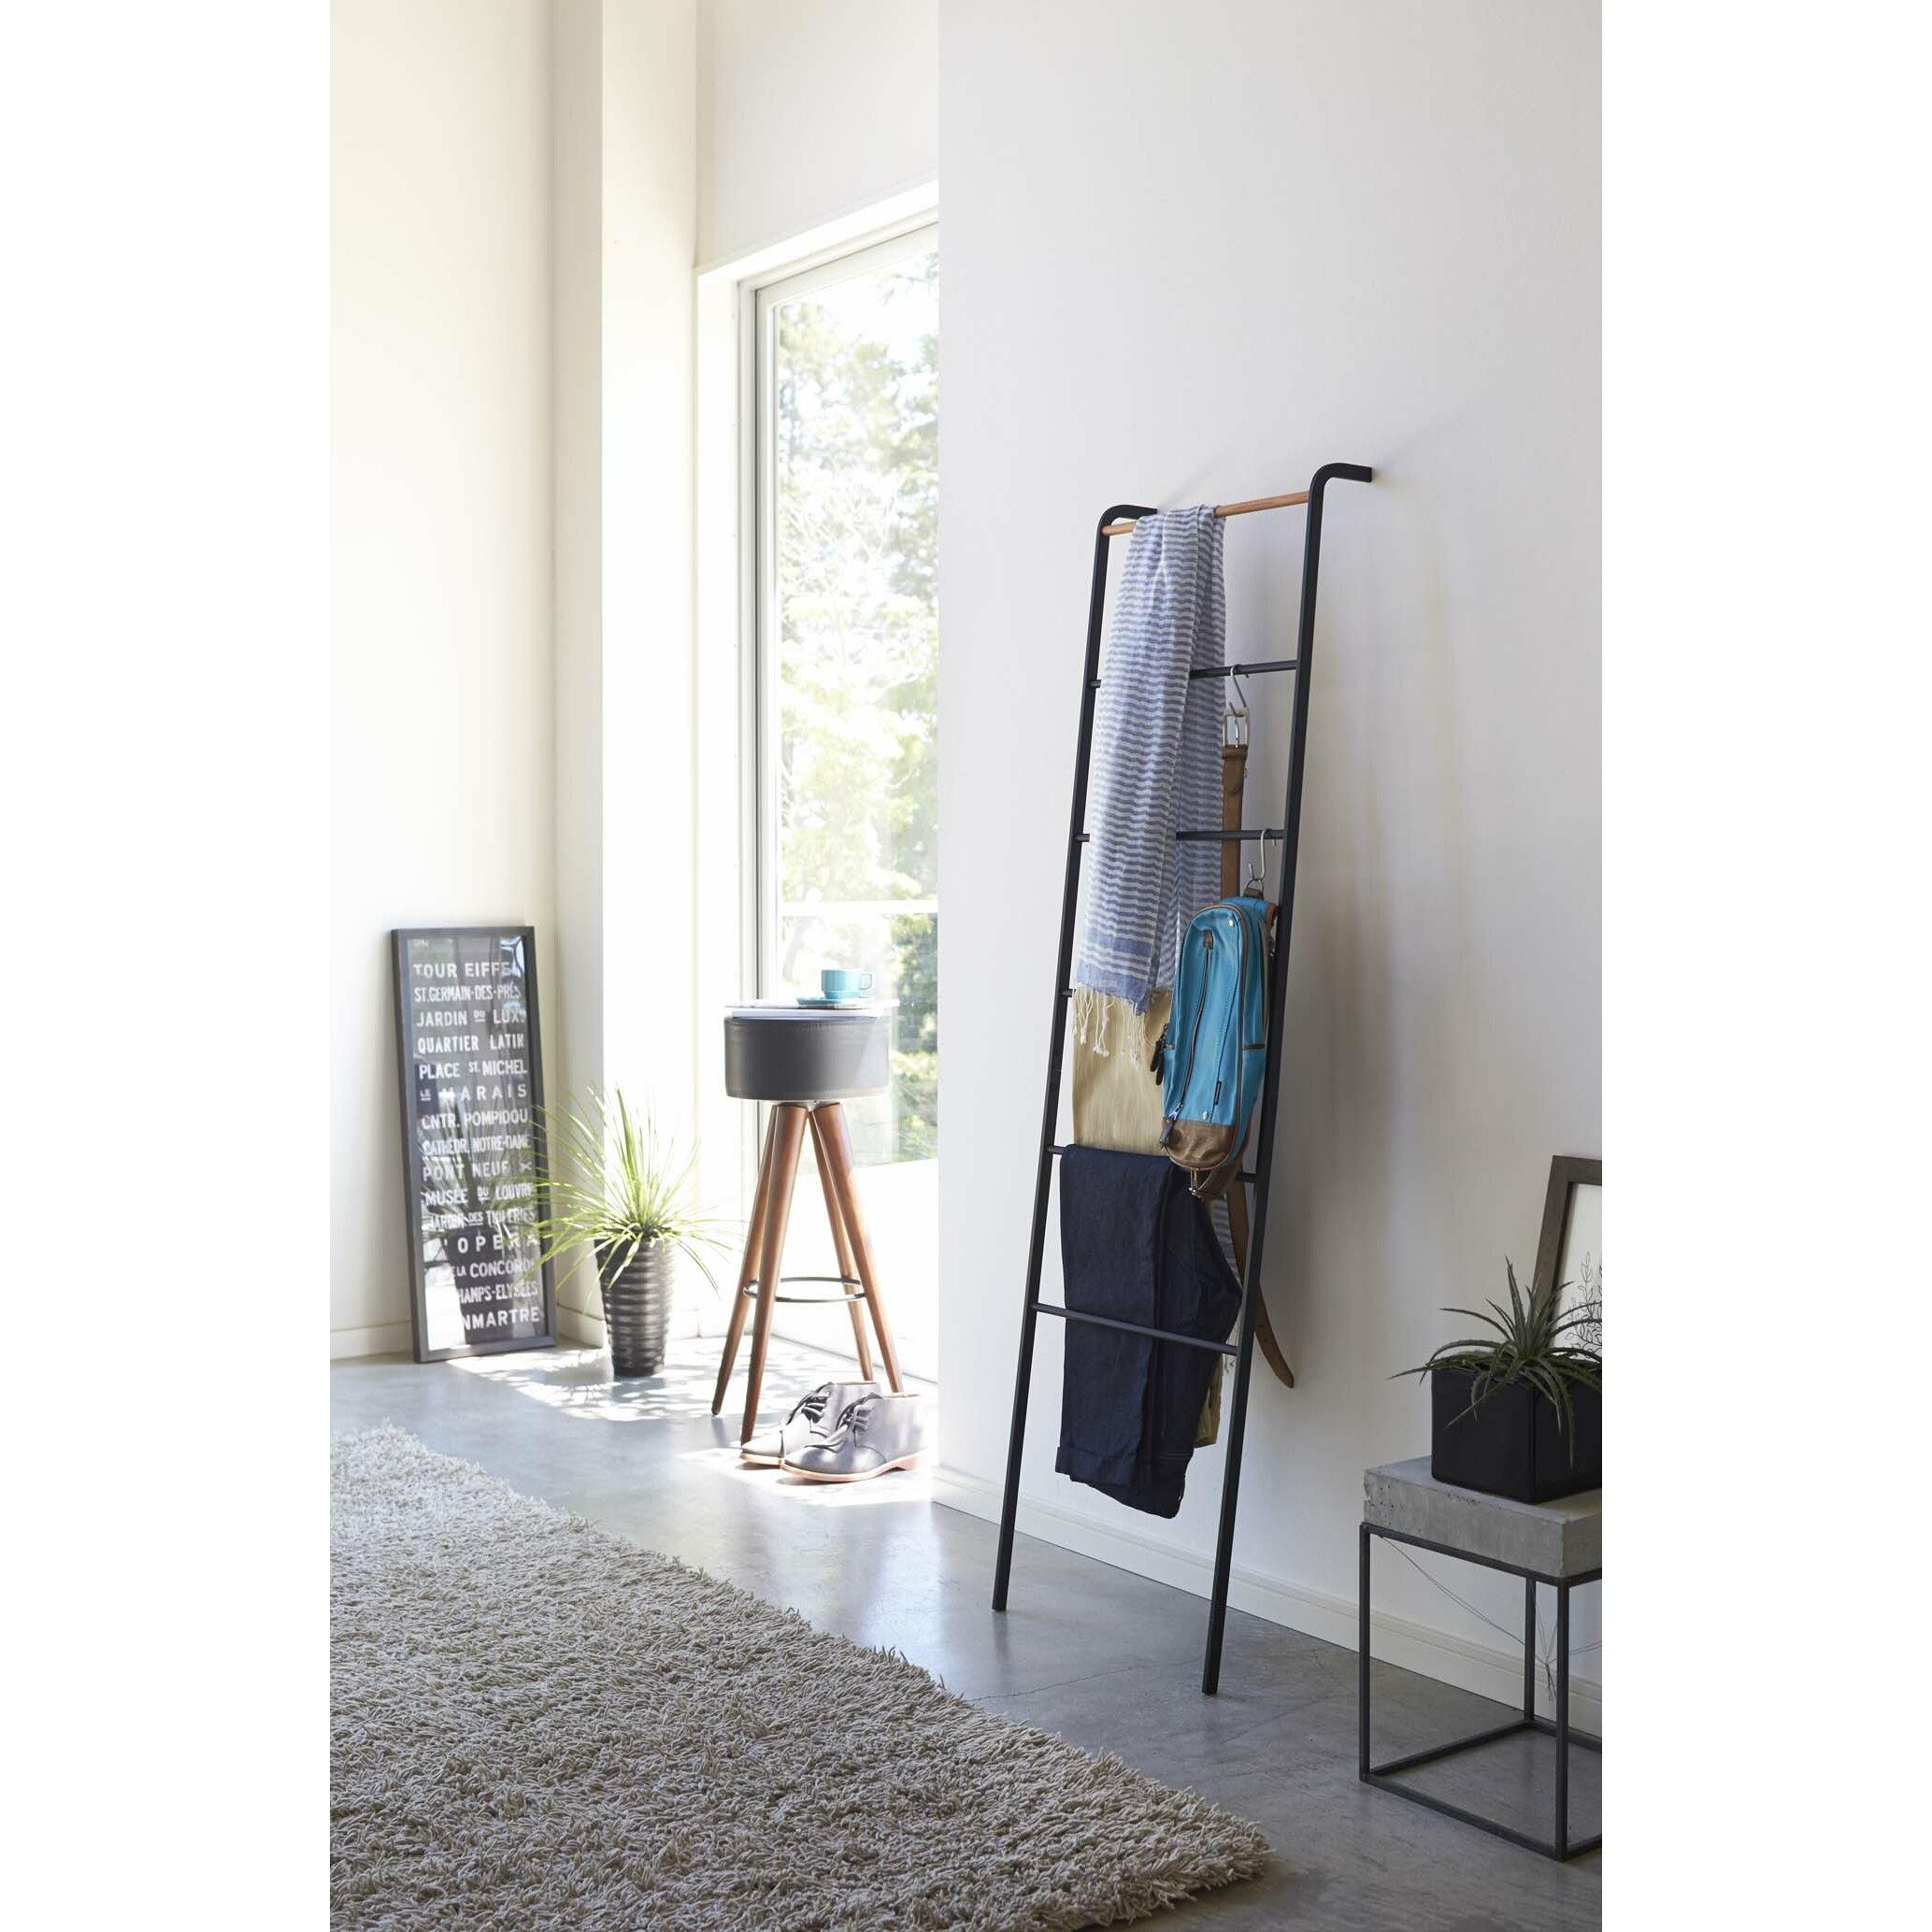 tower ladder hanging organizer. Black Bedroom Furniture Sets. Home Design Ideas